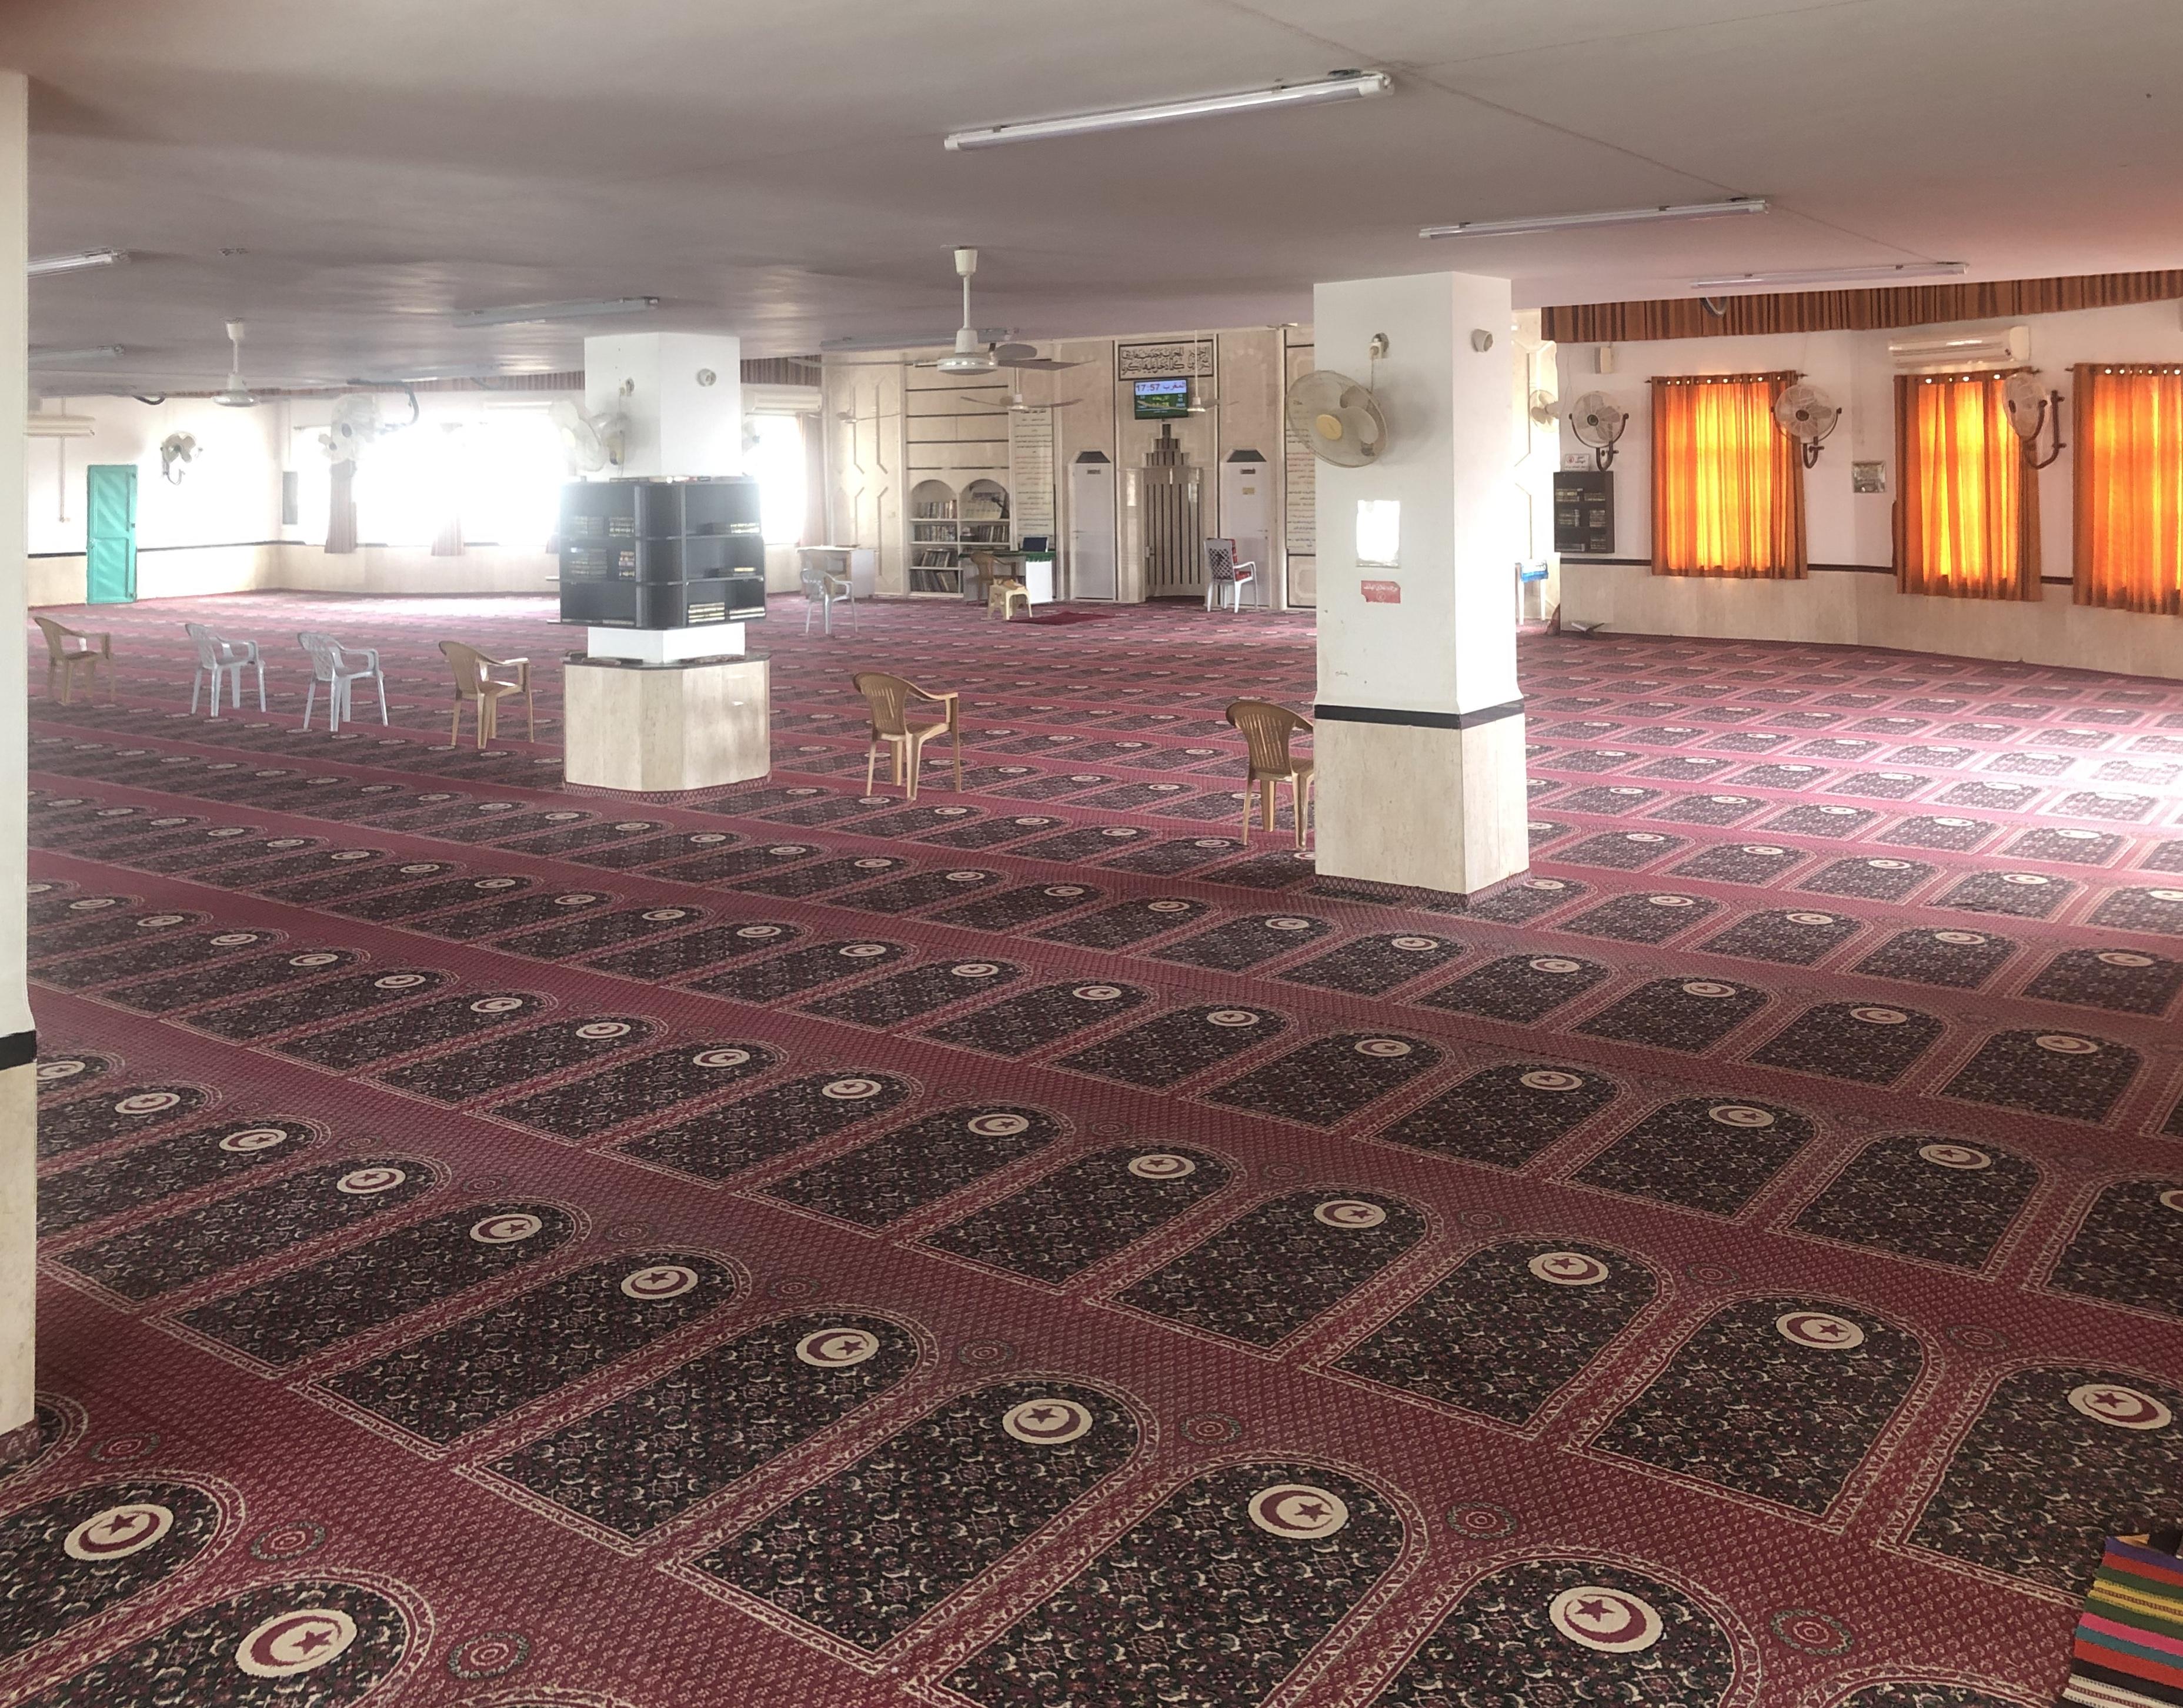 מסגד אלאנסאר | צילום: חסין אלדאדה